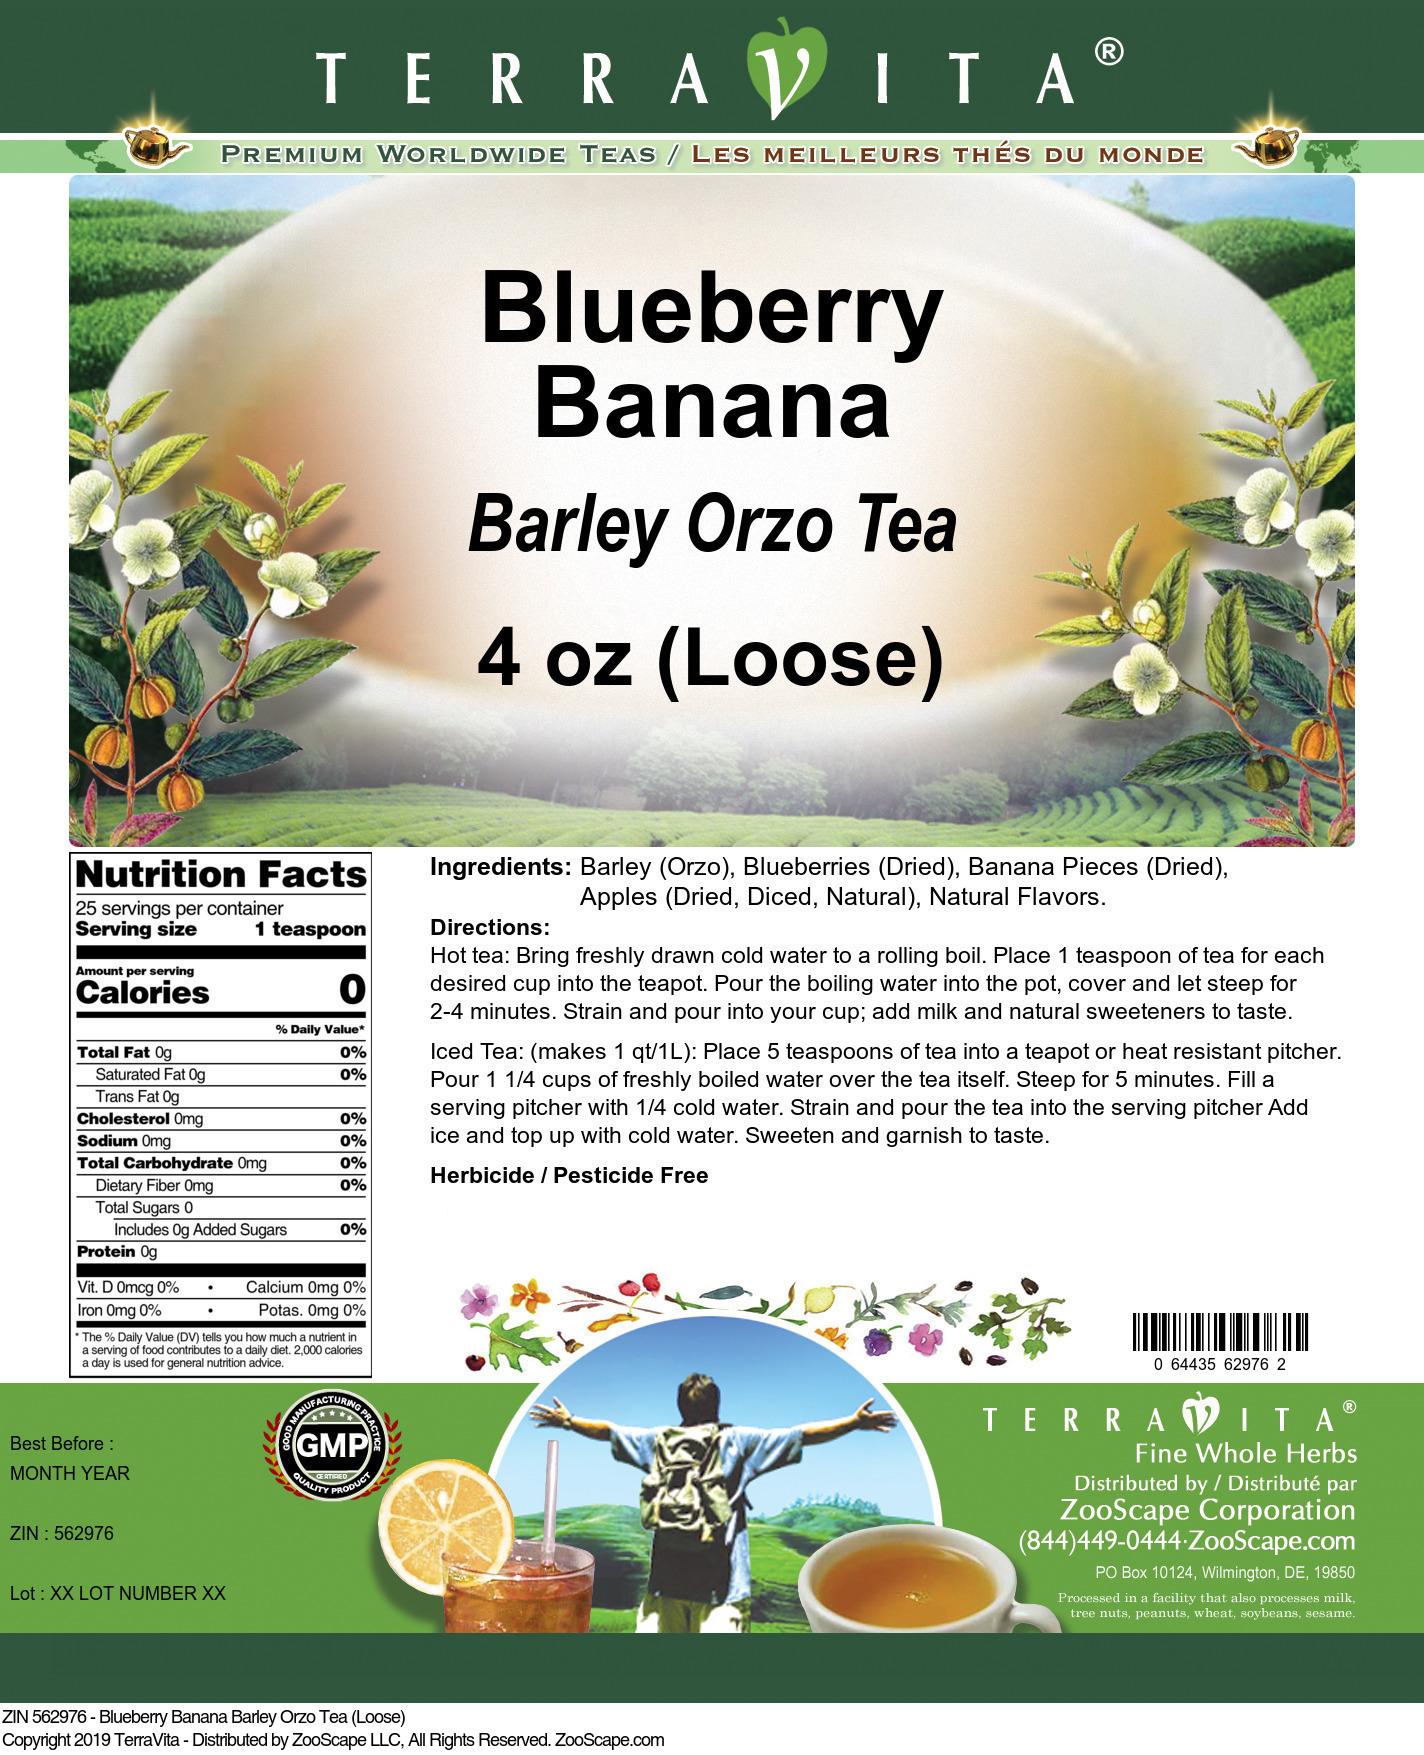 Blueberry Banana Barley Orzo Tea (Loose)